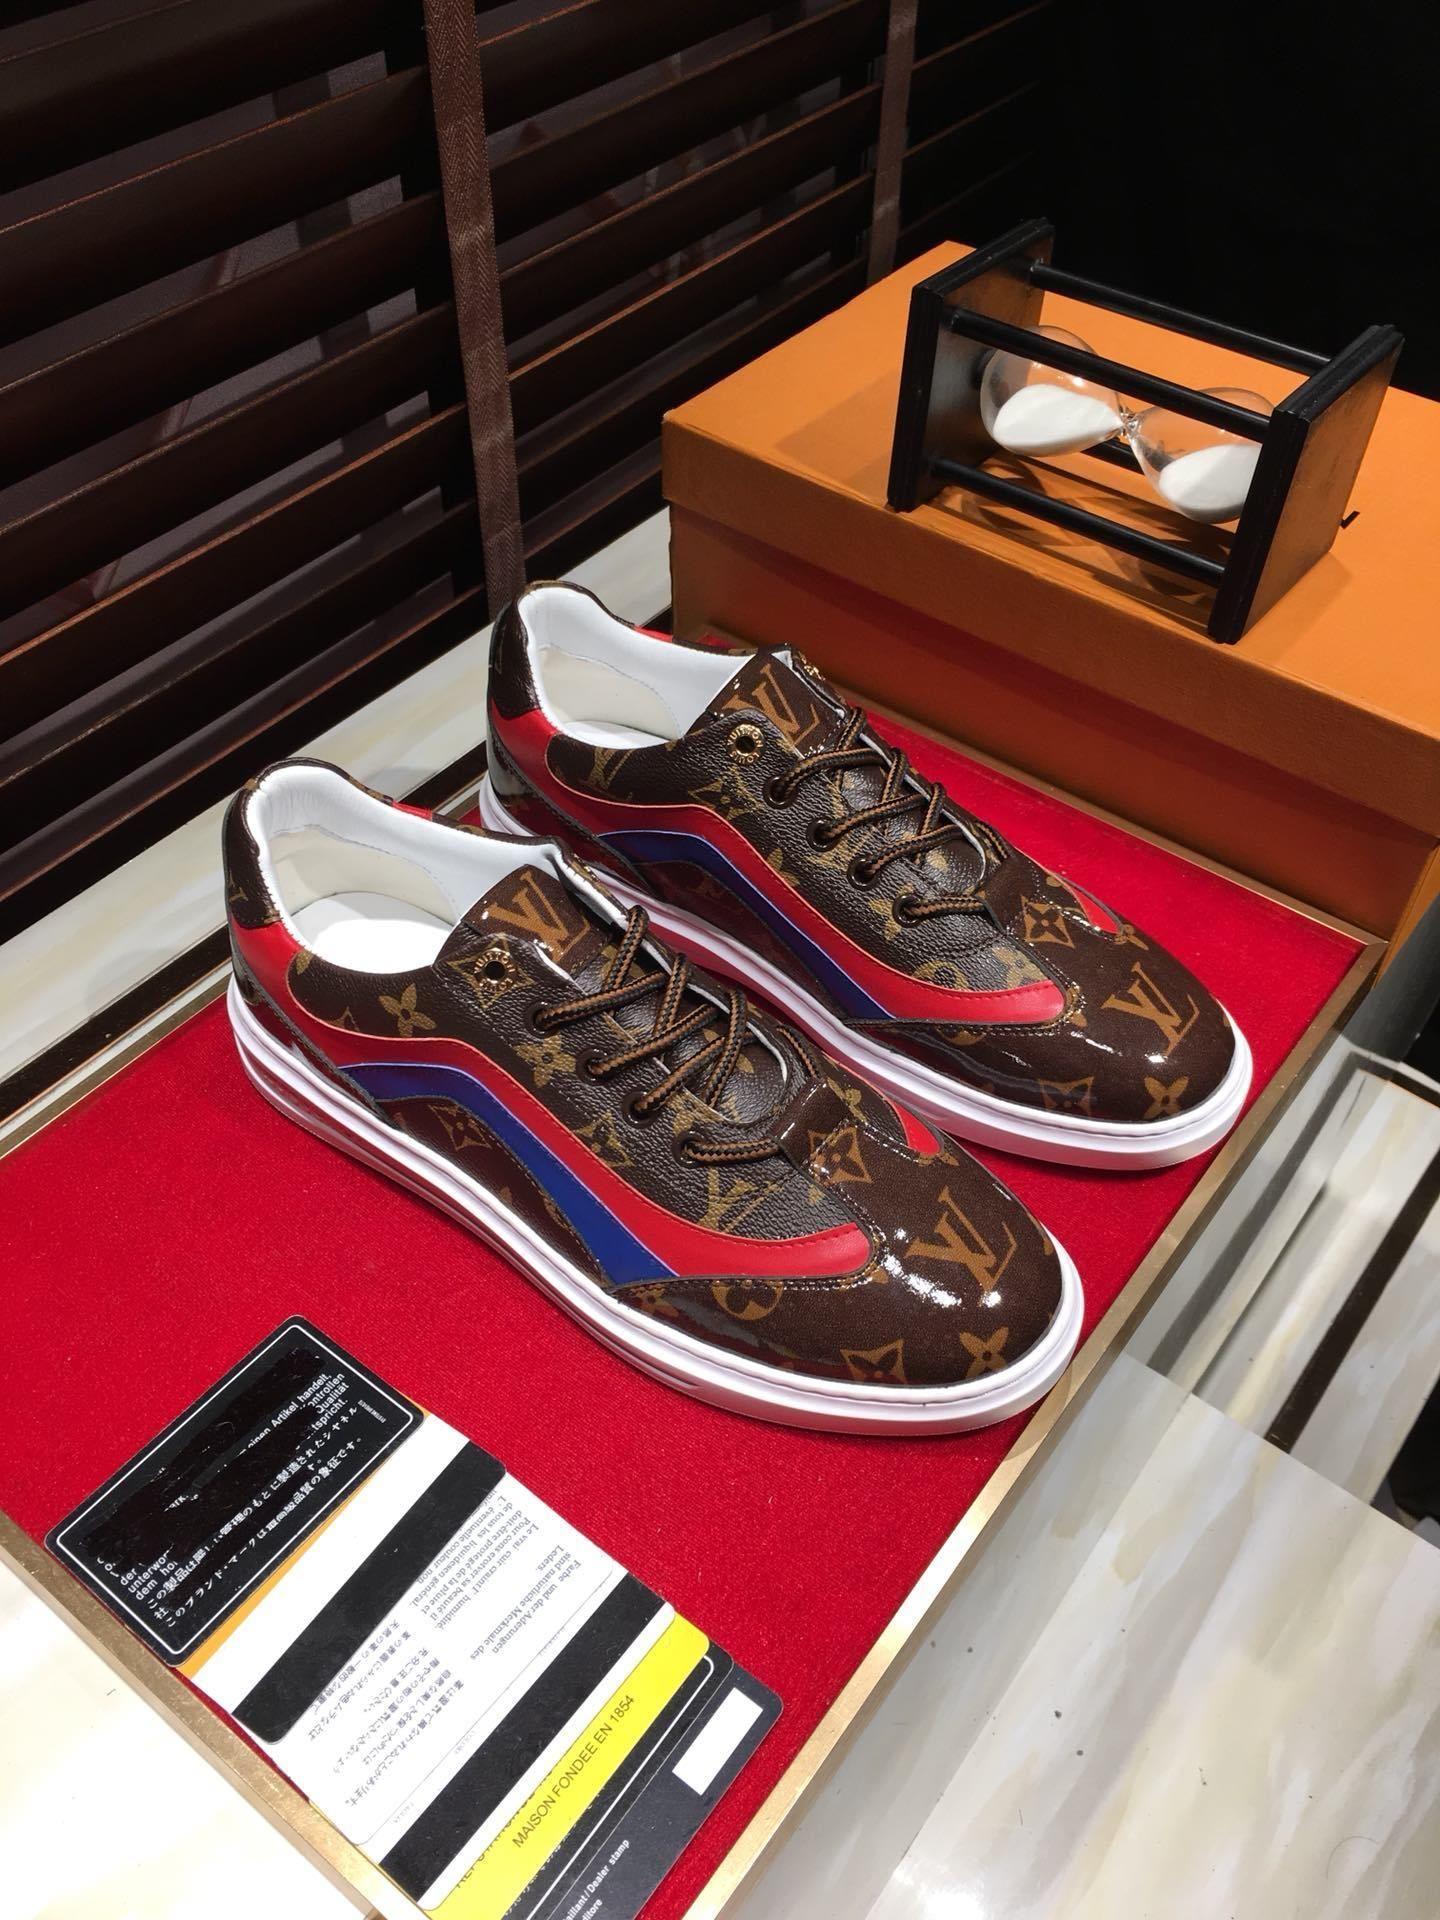 2020-2019h ограниченного издания кожи мужской повседневная обувь, мода дикой спортивная обувь, оригинальная упаковка обувь коробка, размер: 38-44